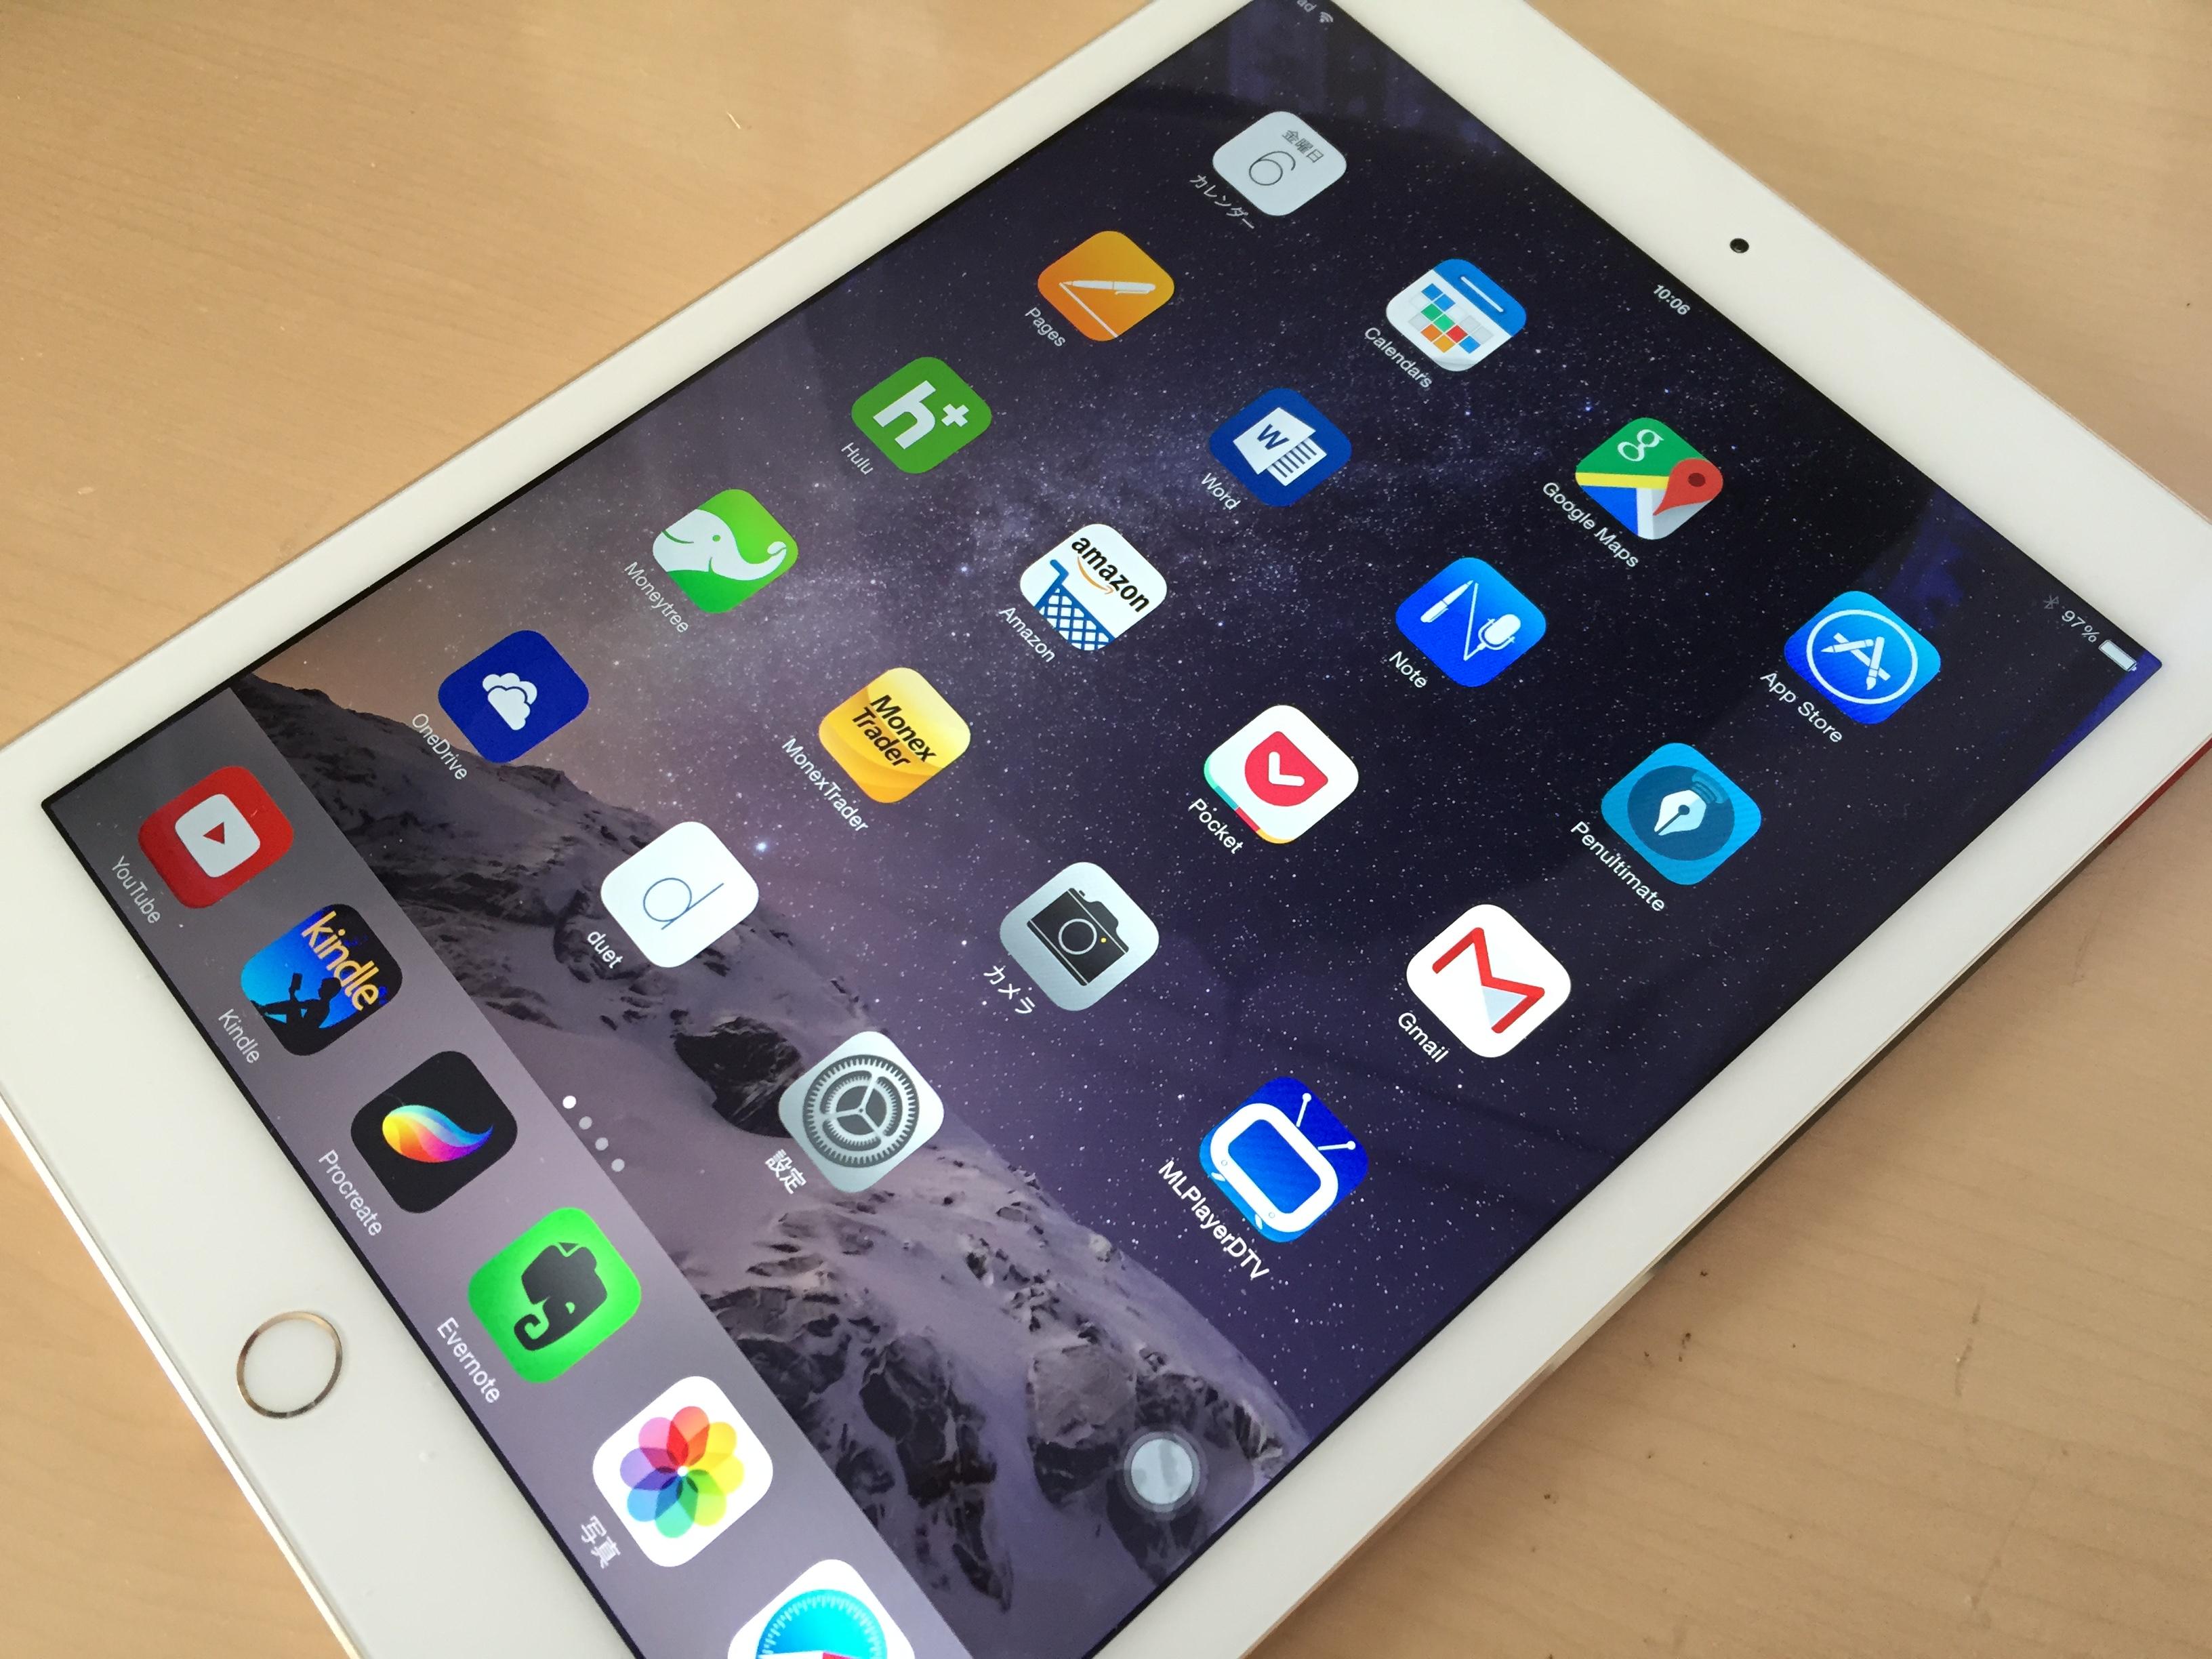 iPad Air2(64GB)を買って一ヶ月が経ったので感想を